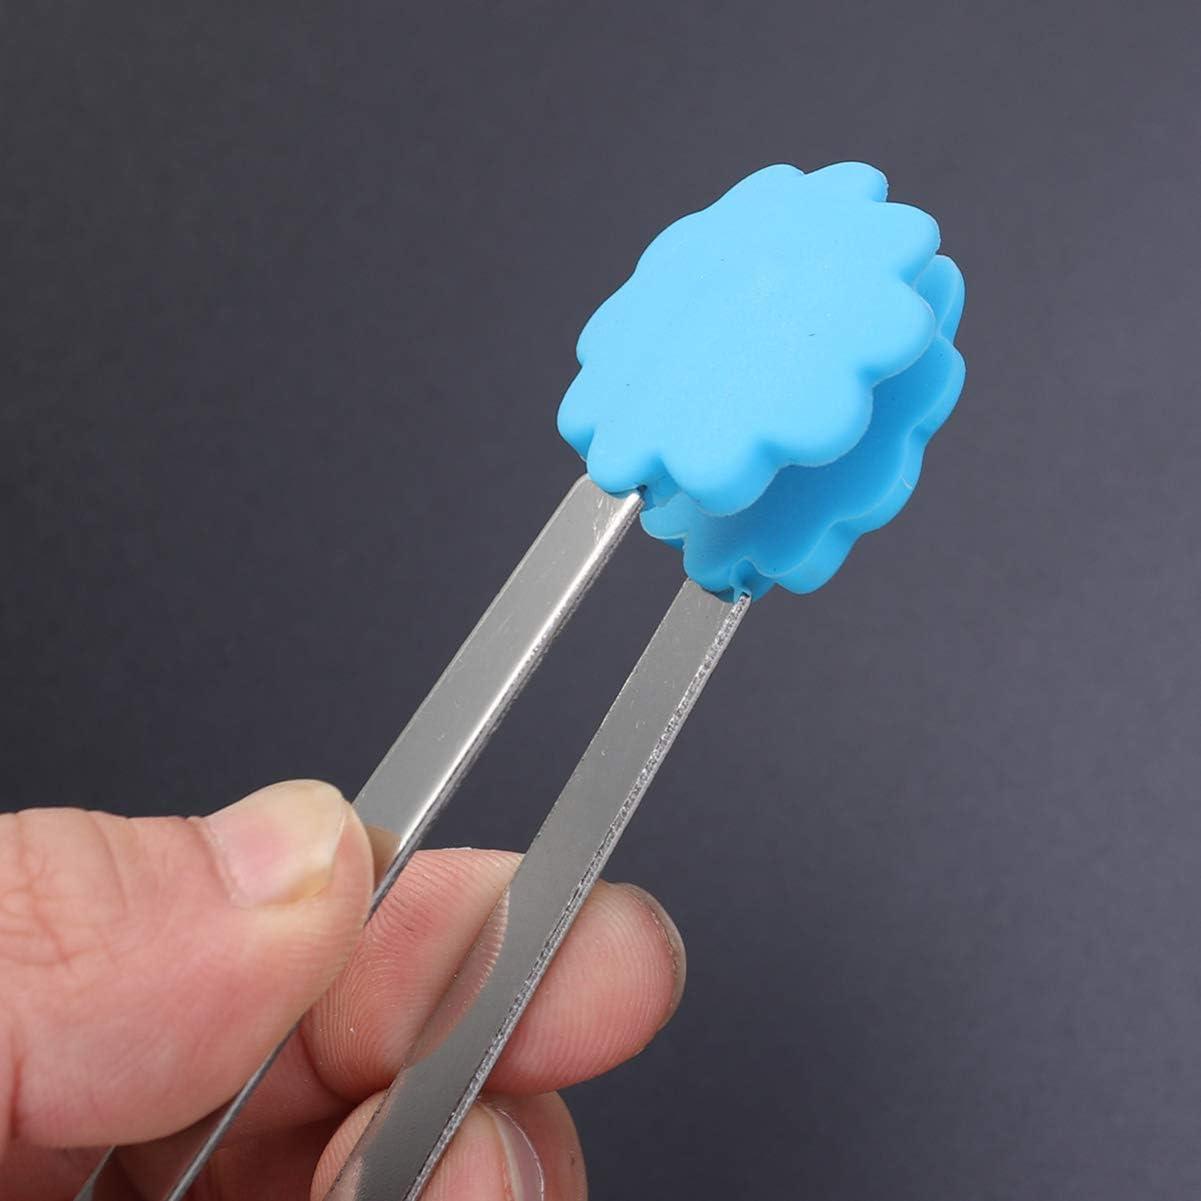 UPKOCH 7 piezas pinzas de comida pinzas de cocina de acero inoxidable pinzas de silicona para cocinar pastel de hielo ensalada de pan buffet estilo aleatorio